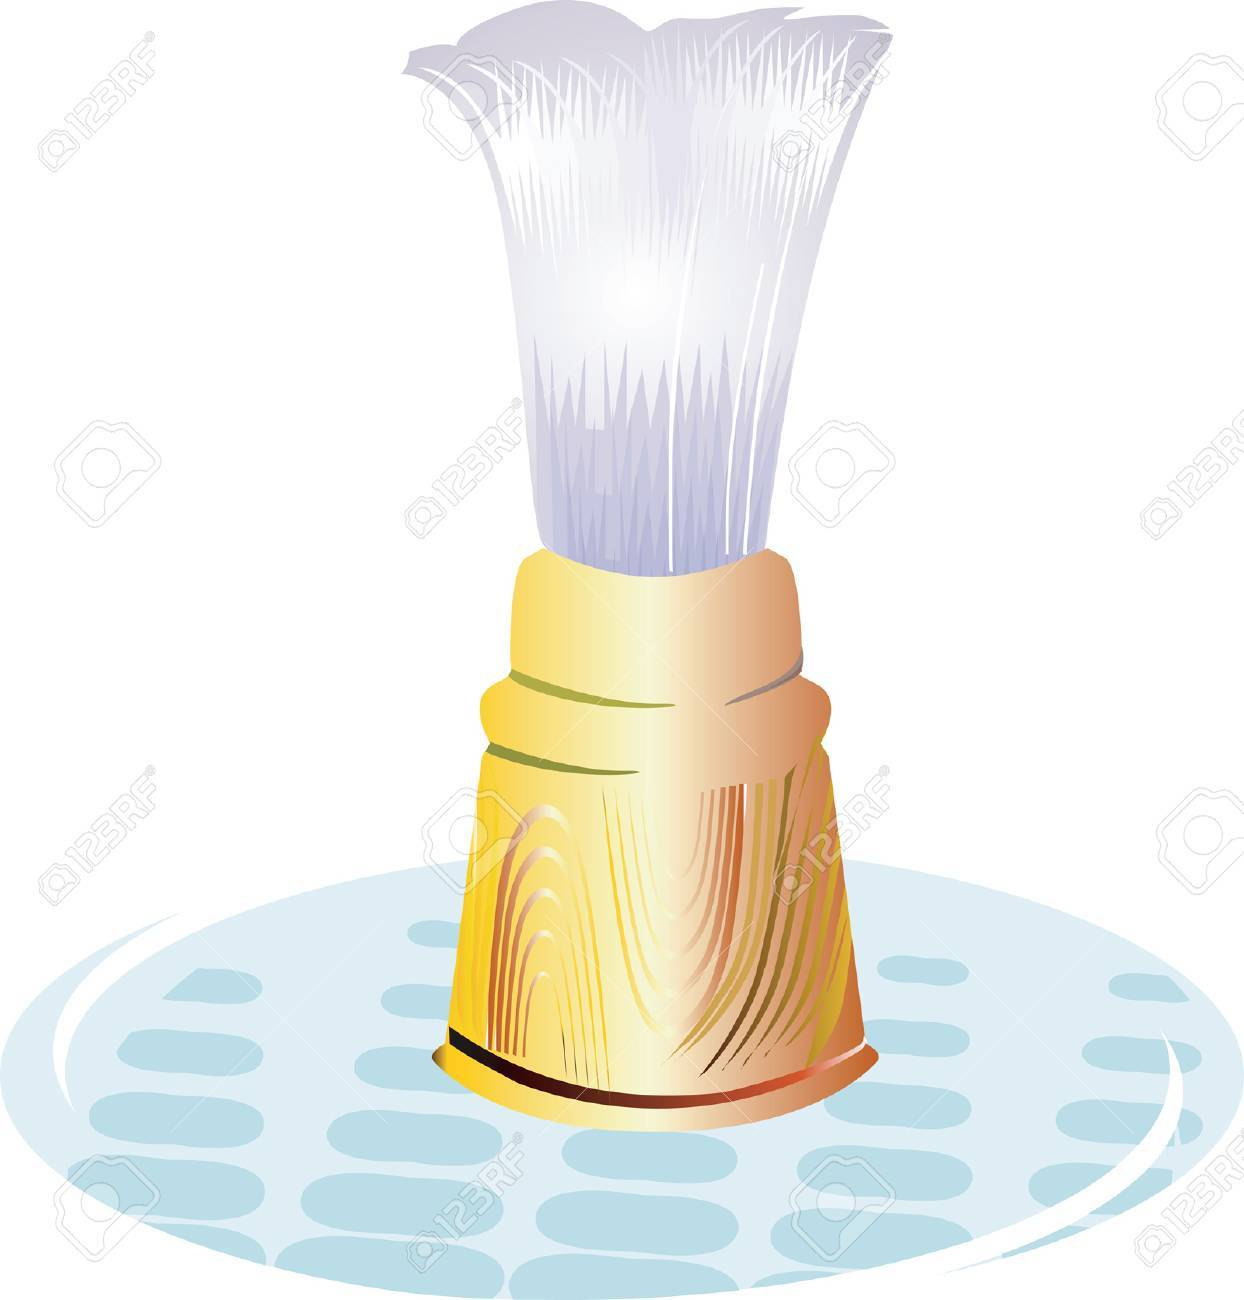 Shaving Brush on a glass plate. Stock Vector - 1702524